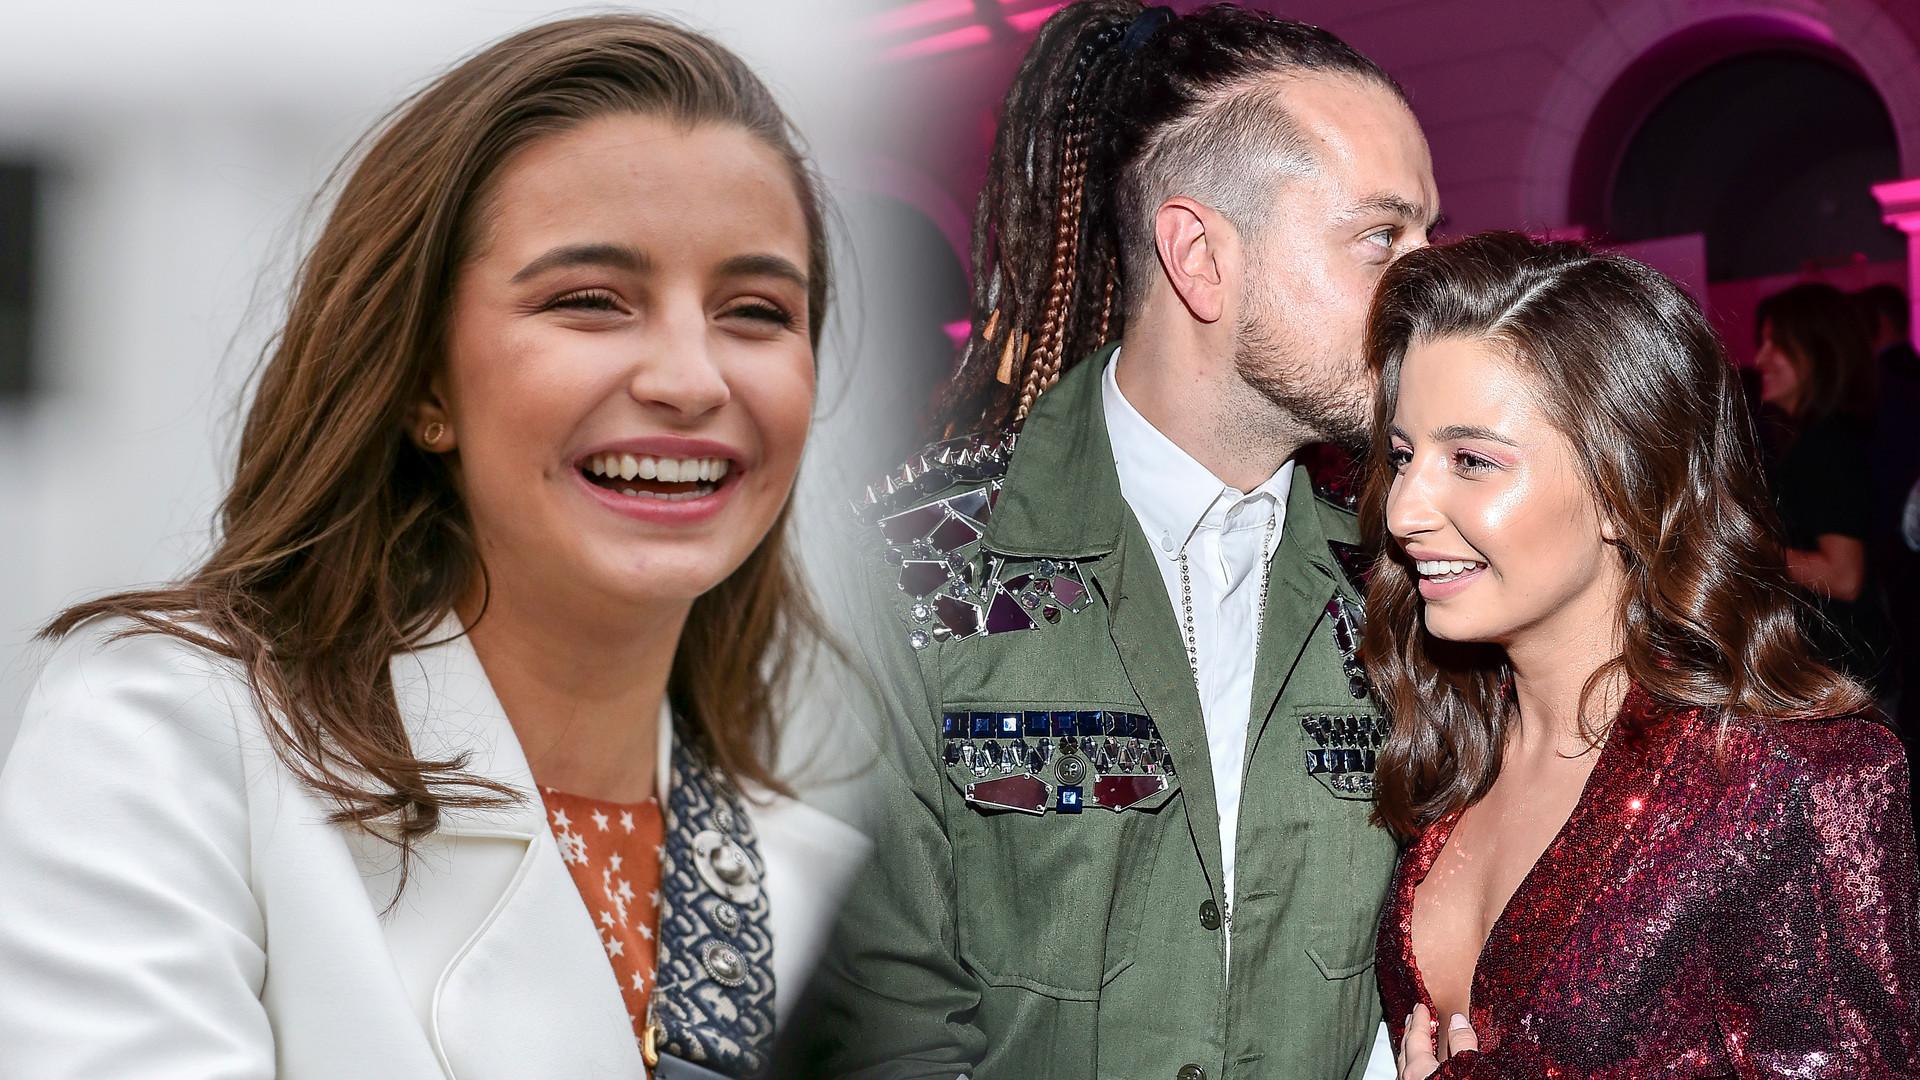 Julia Wieniawa dodała zdjęcie z Baronem – fani wyśmiali ich stylizacje